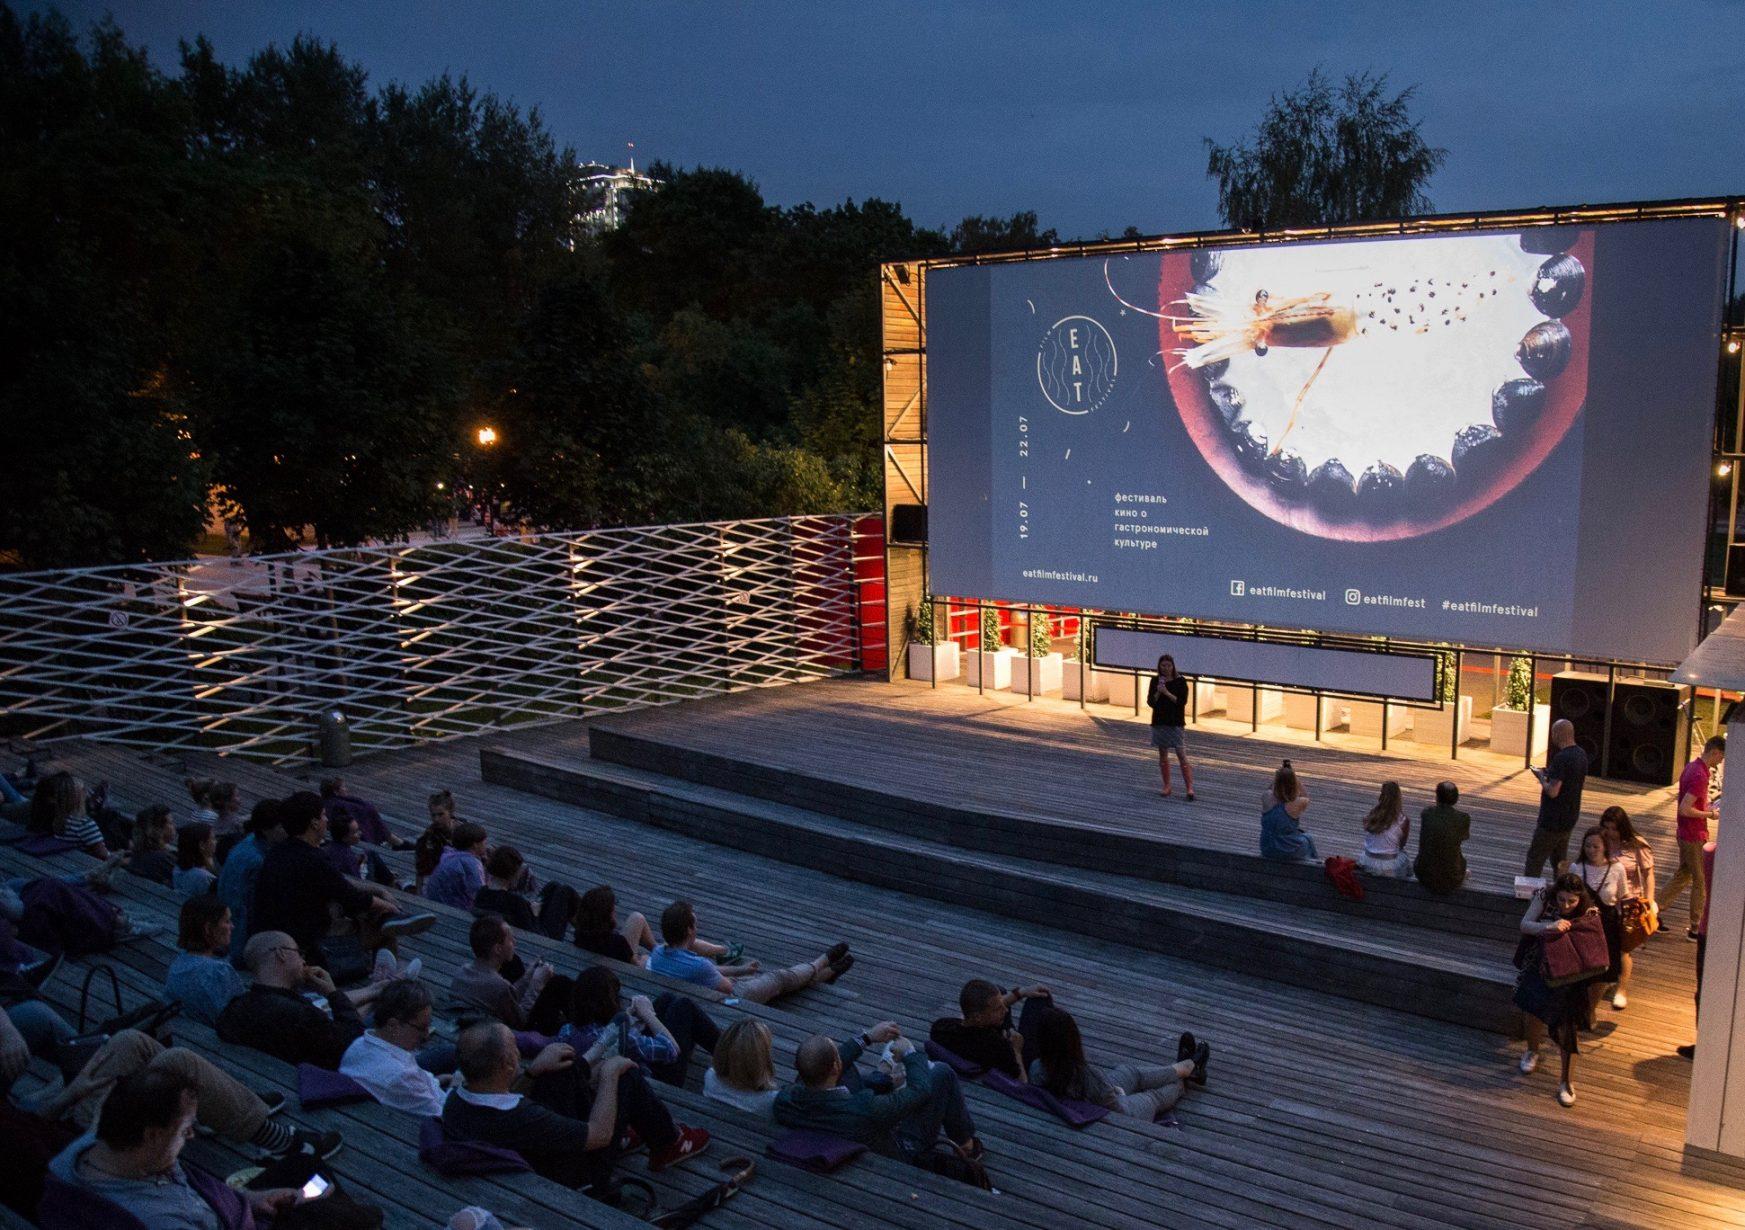 09 показ фильма Eat Film Festival 2018 в Летнем Пионере